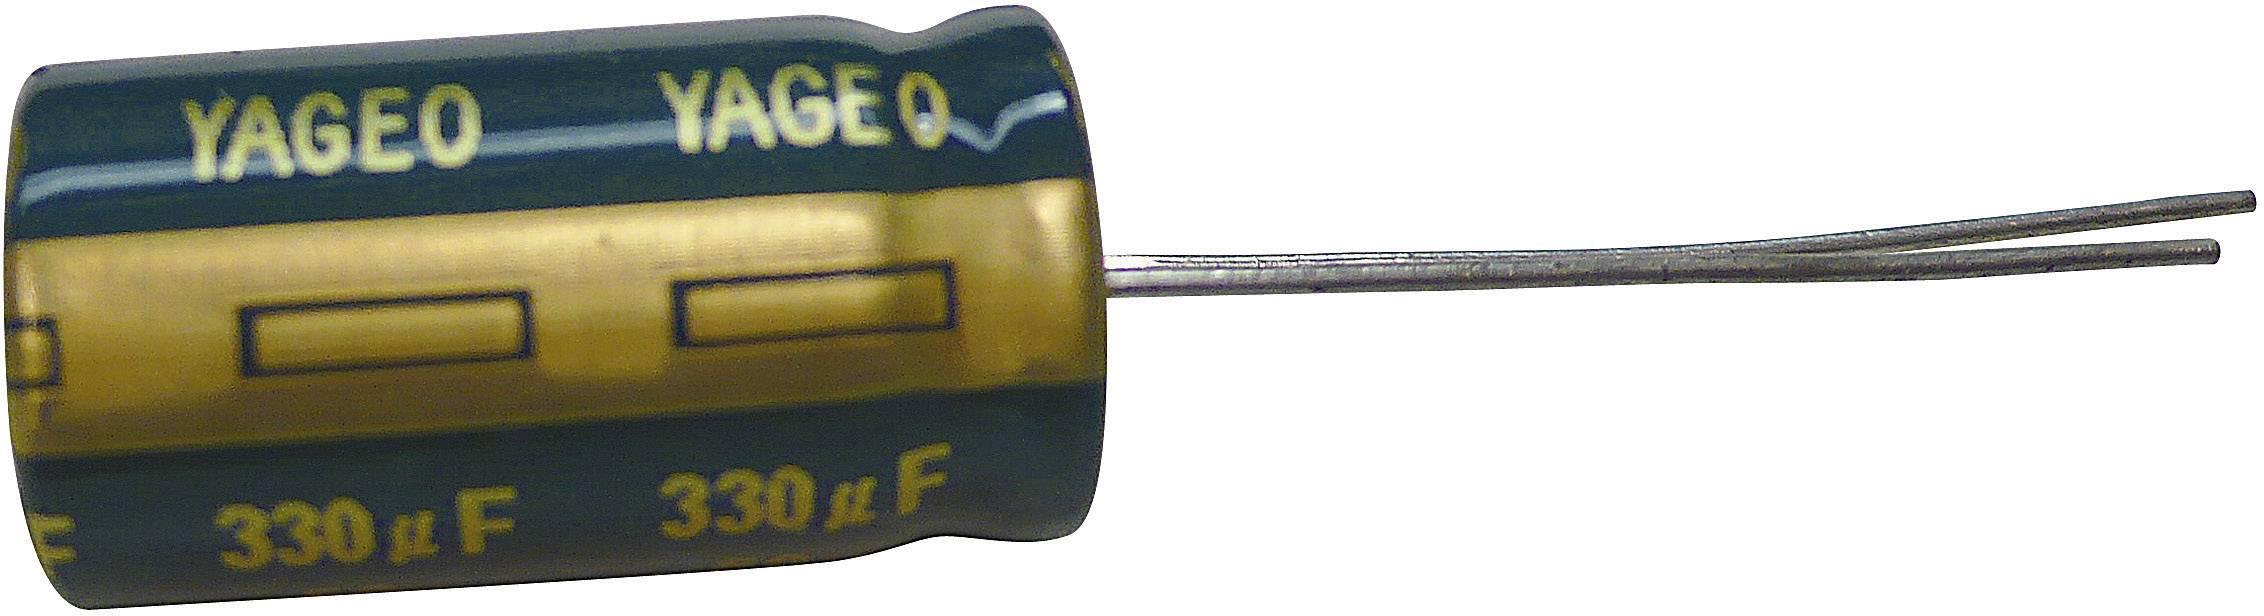 Kondenzátor elektrolytický Yageo SC006M0330B3F-0811, 330 mF, 6,3 V, 20 %, 11 x 8 mm